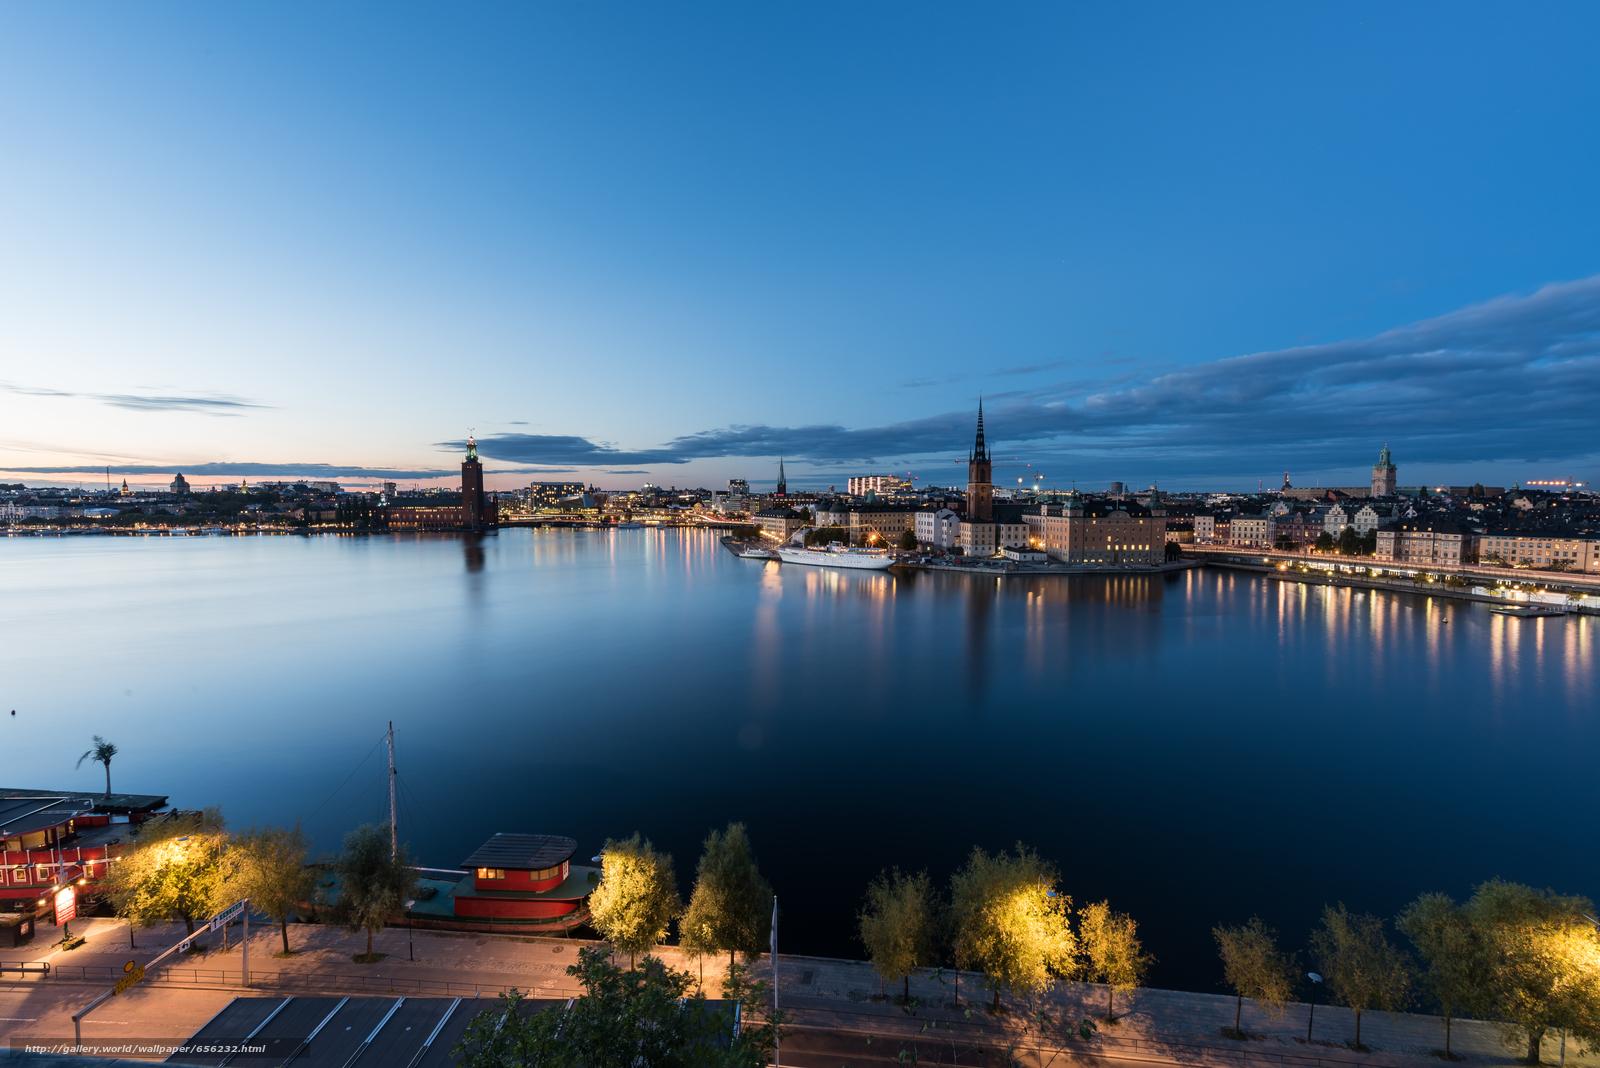 壁紙をダウンロード ストックホルム,  スウェーデン,  都市 デスクトップの解像度のための無料壁紙 7360x4912 — 絵 №656232